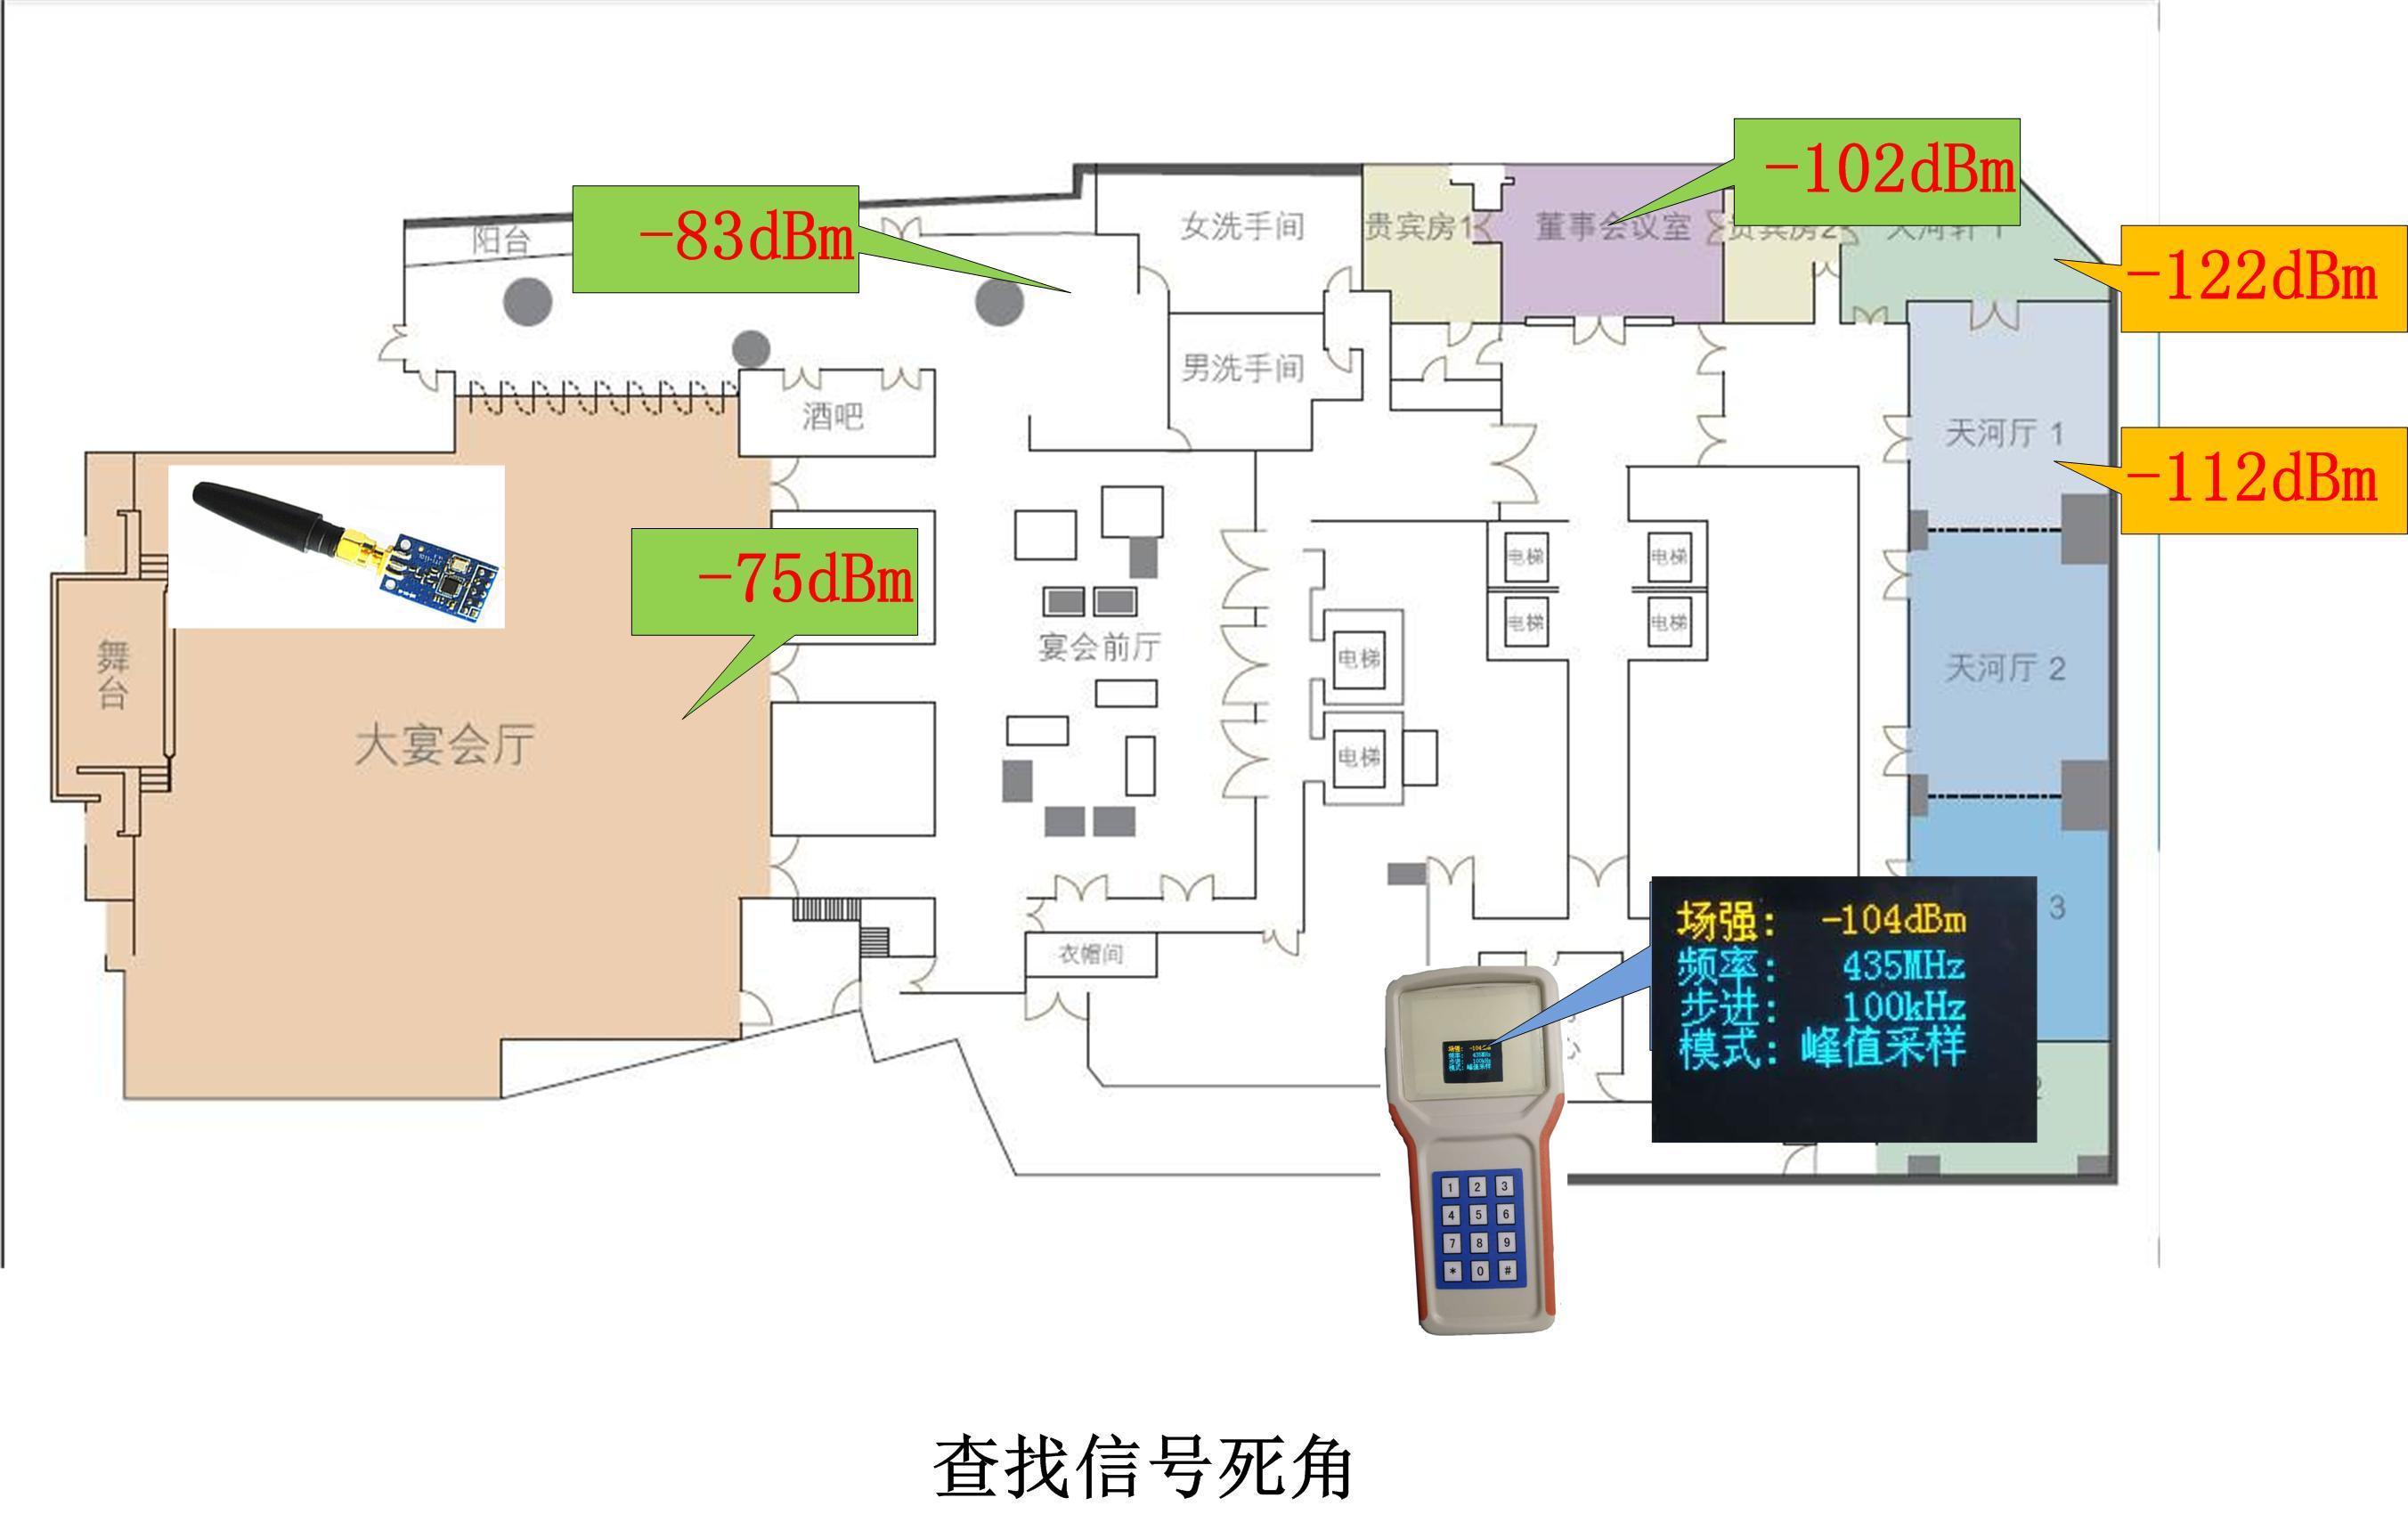 无线信号覆盖情况-楼层.jpg